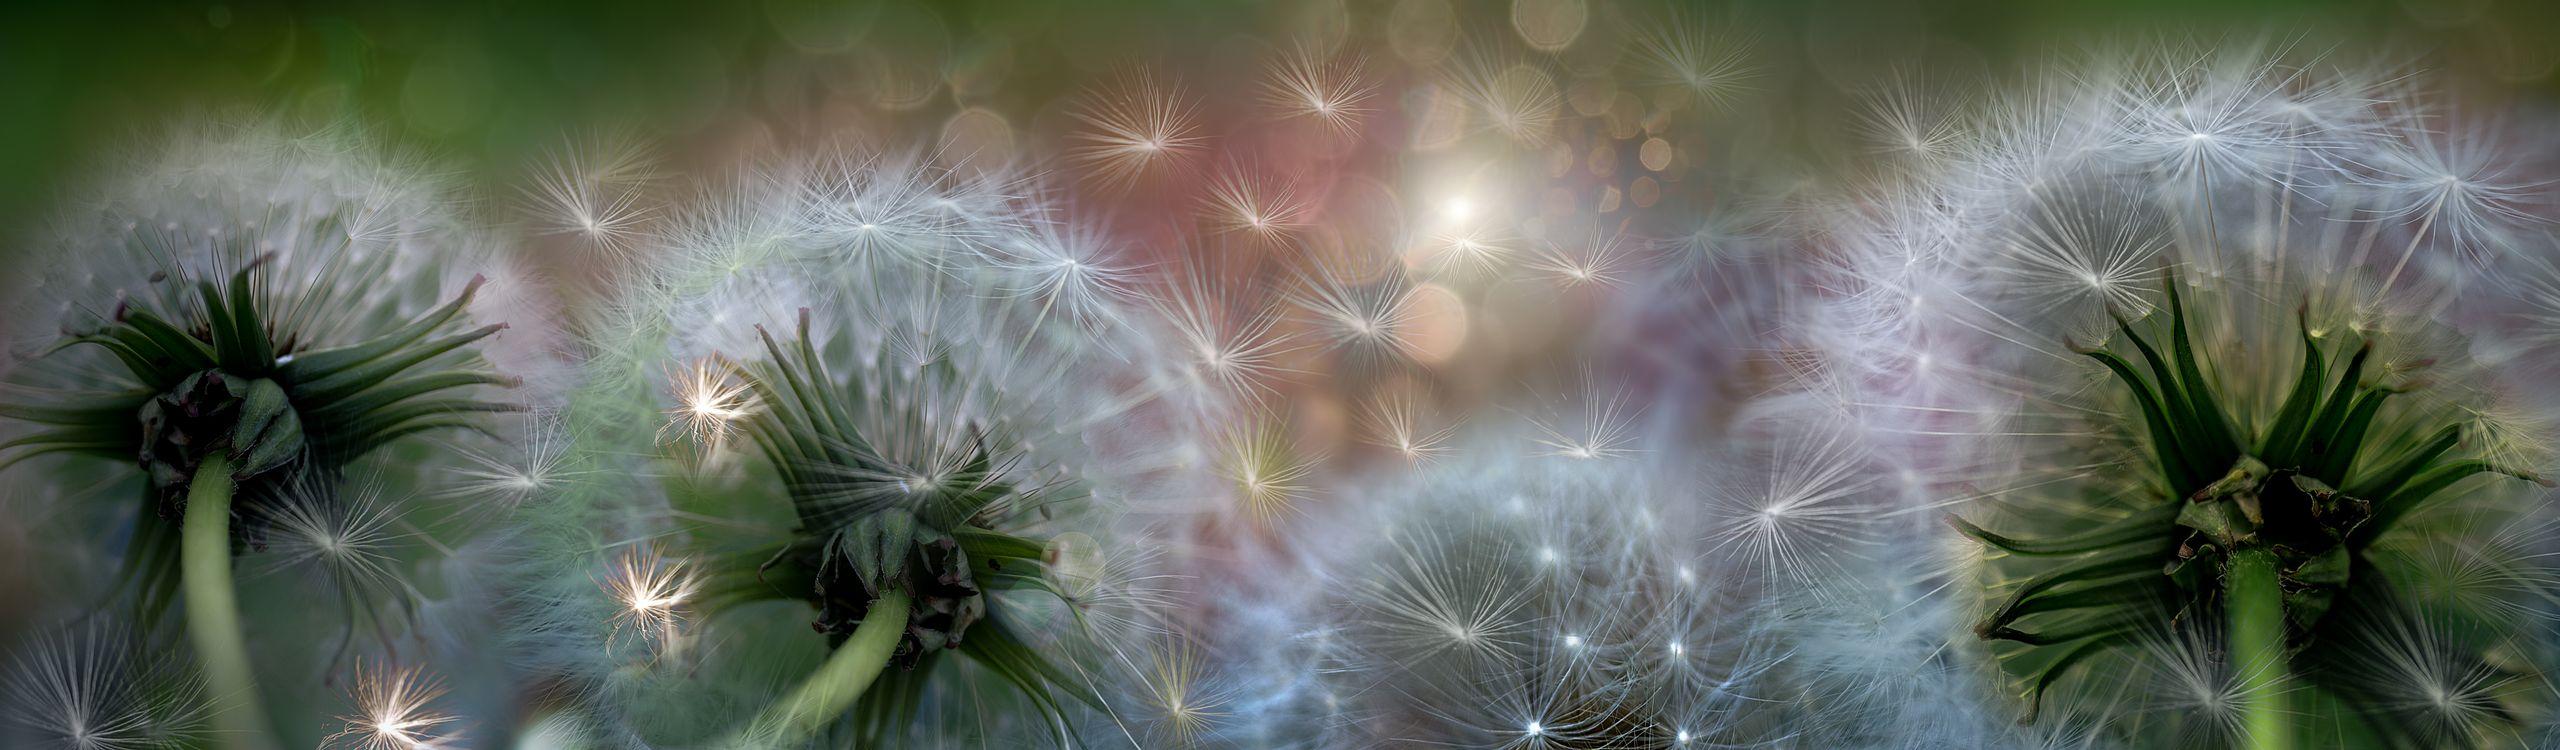 Фото бесплатно панорама, цветочная композиция, одуванчик - на рабочий стол